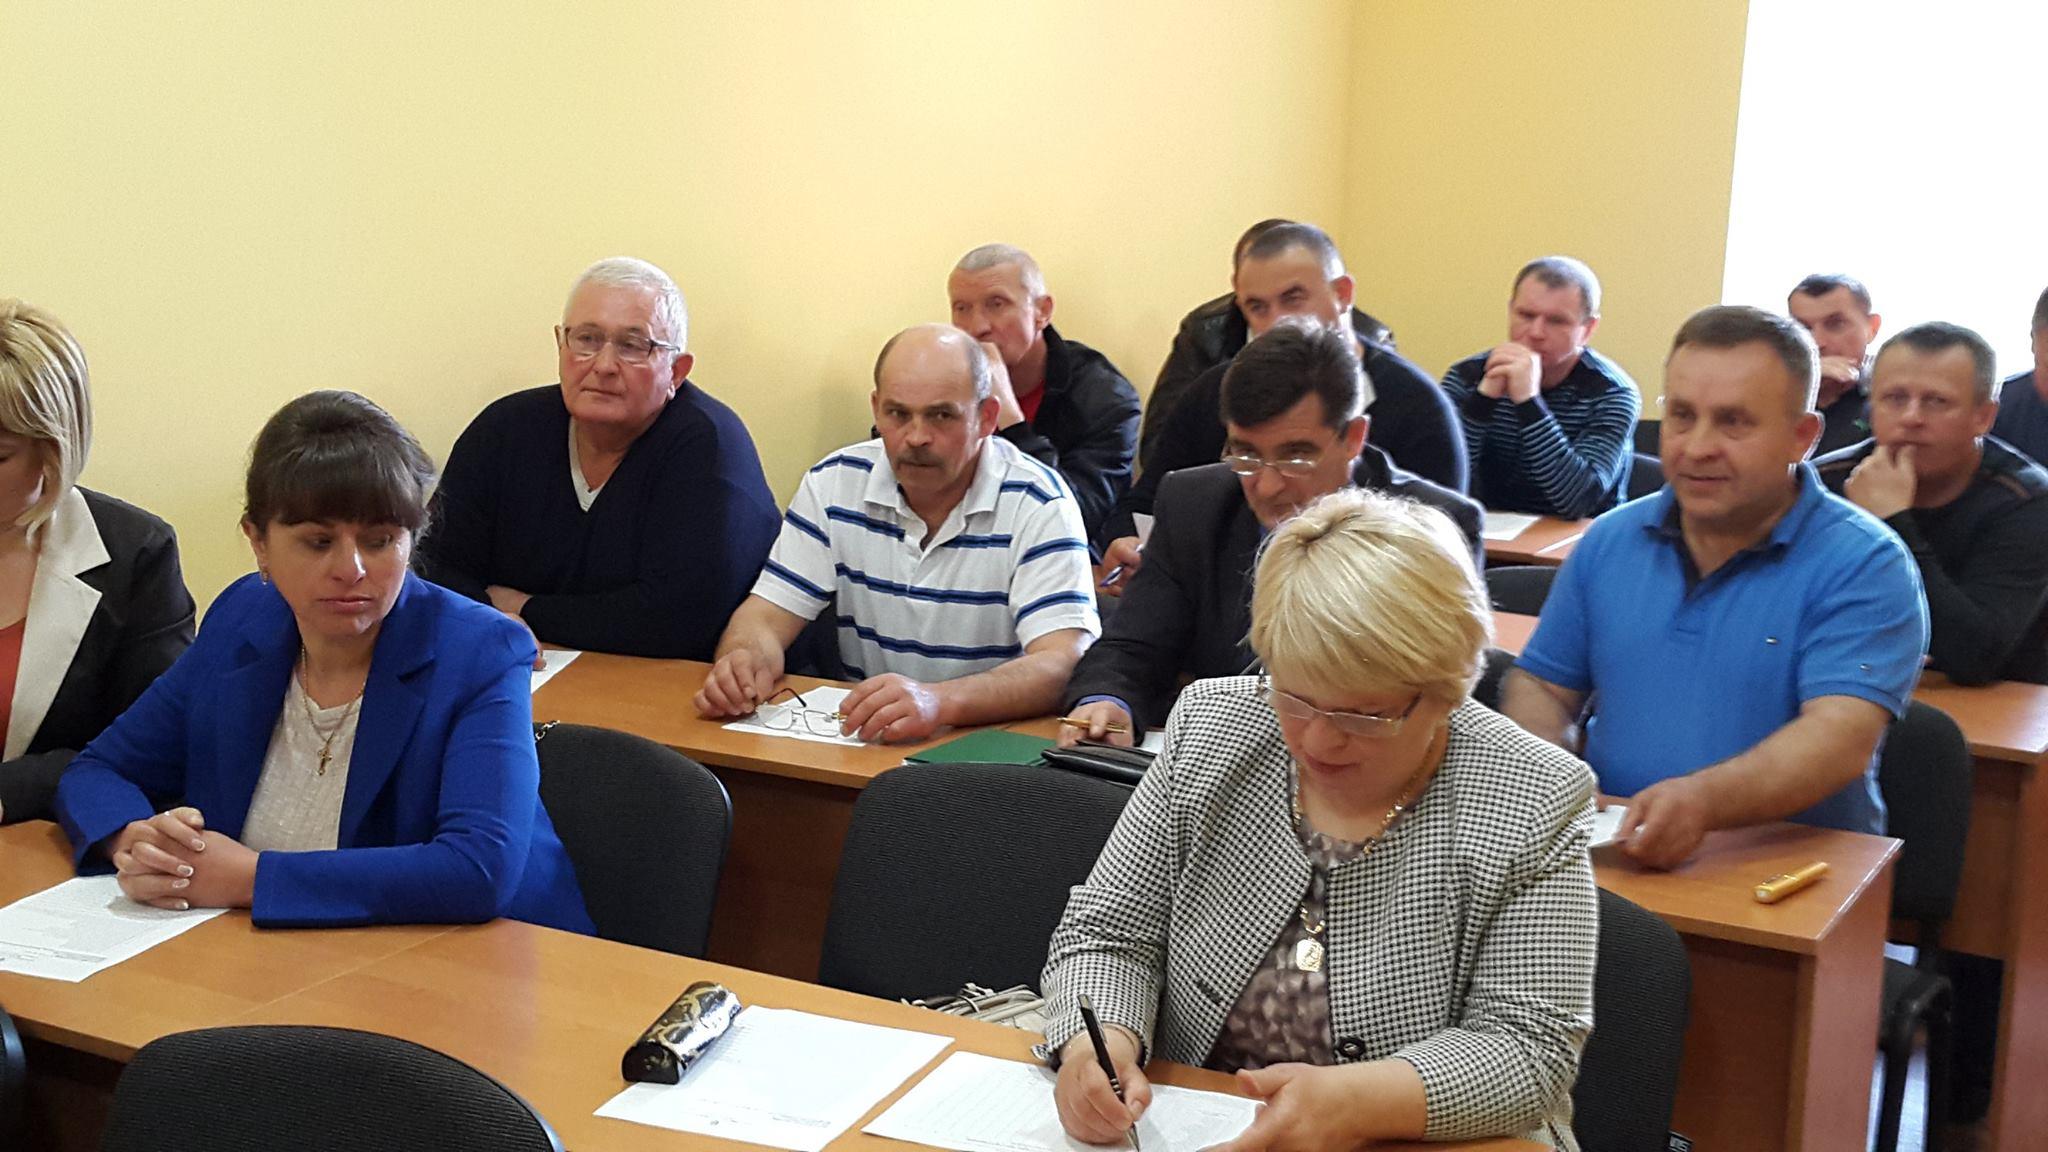 Відповідне рішення будо прийнято в середу, 3 травня, під час засідання сесії Чинадіївської селищної ради.